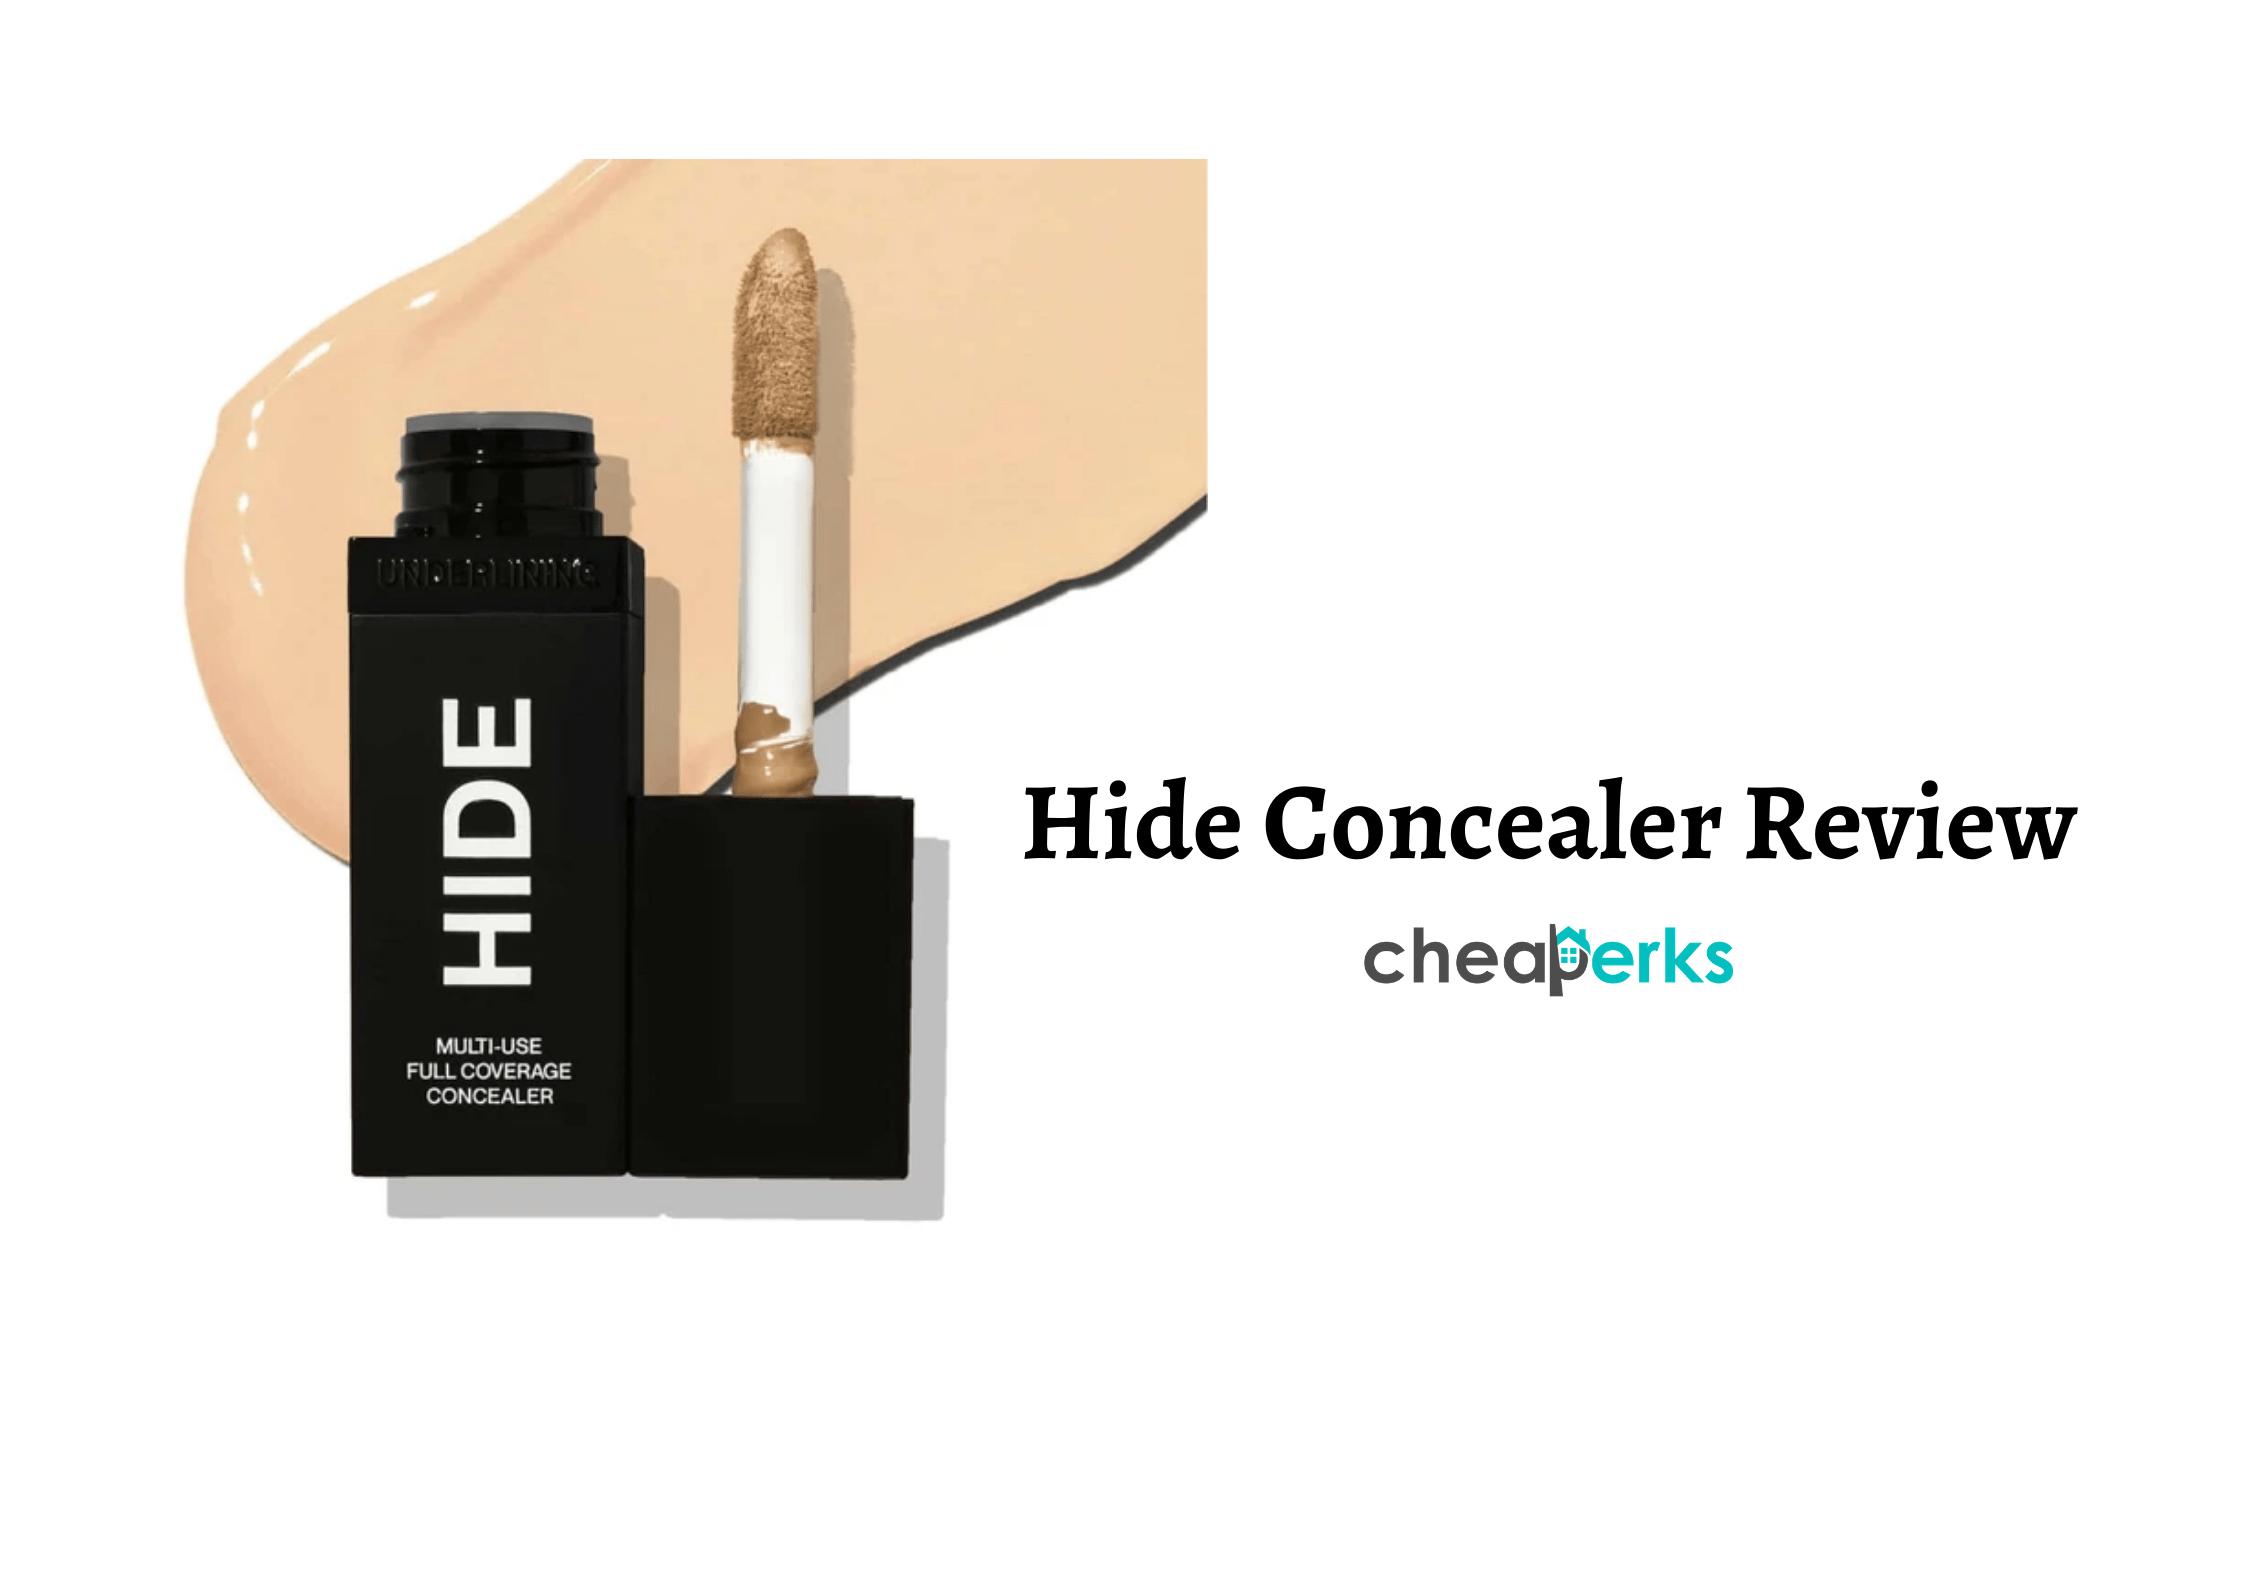 Hide Concealer Reviews